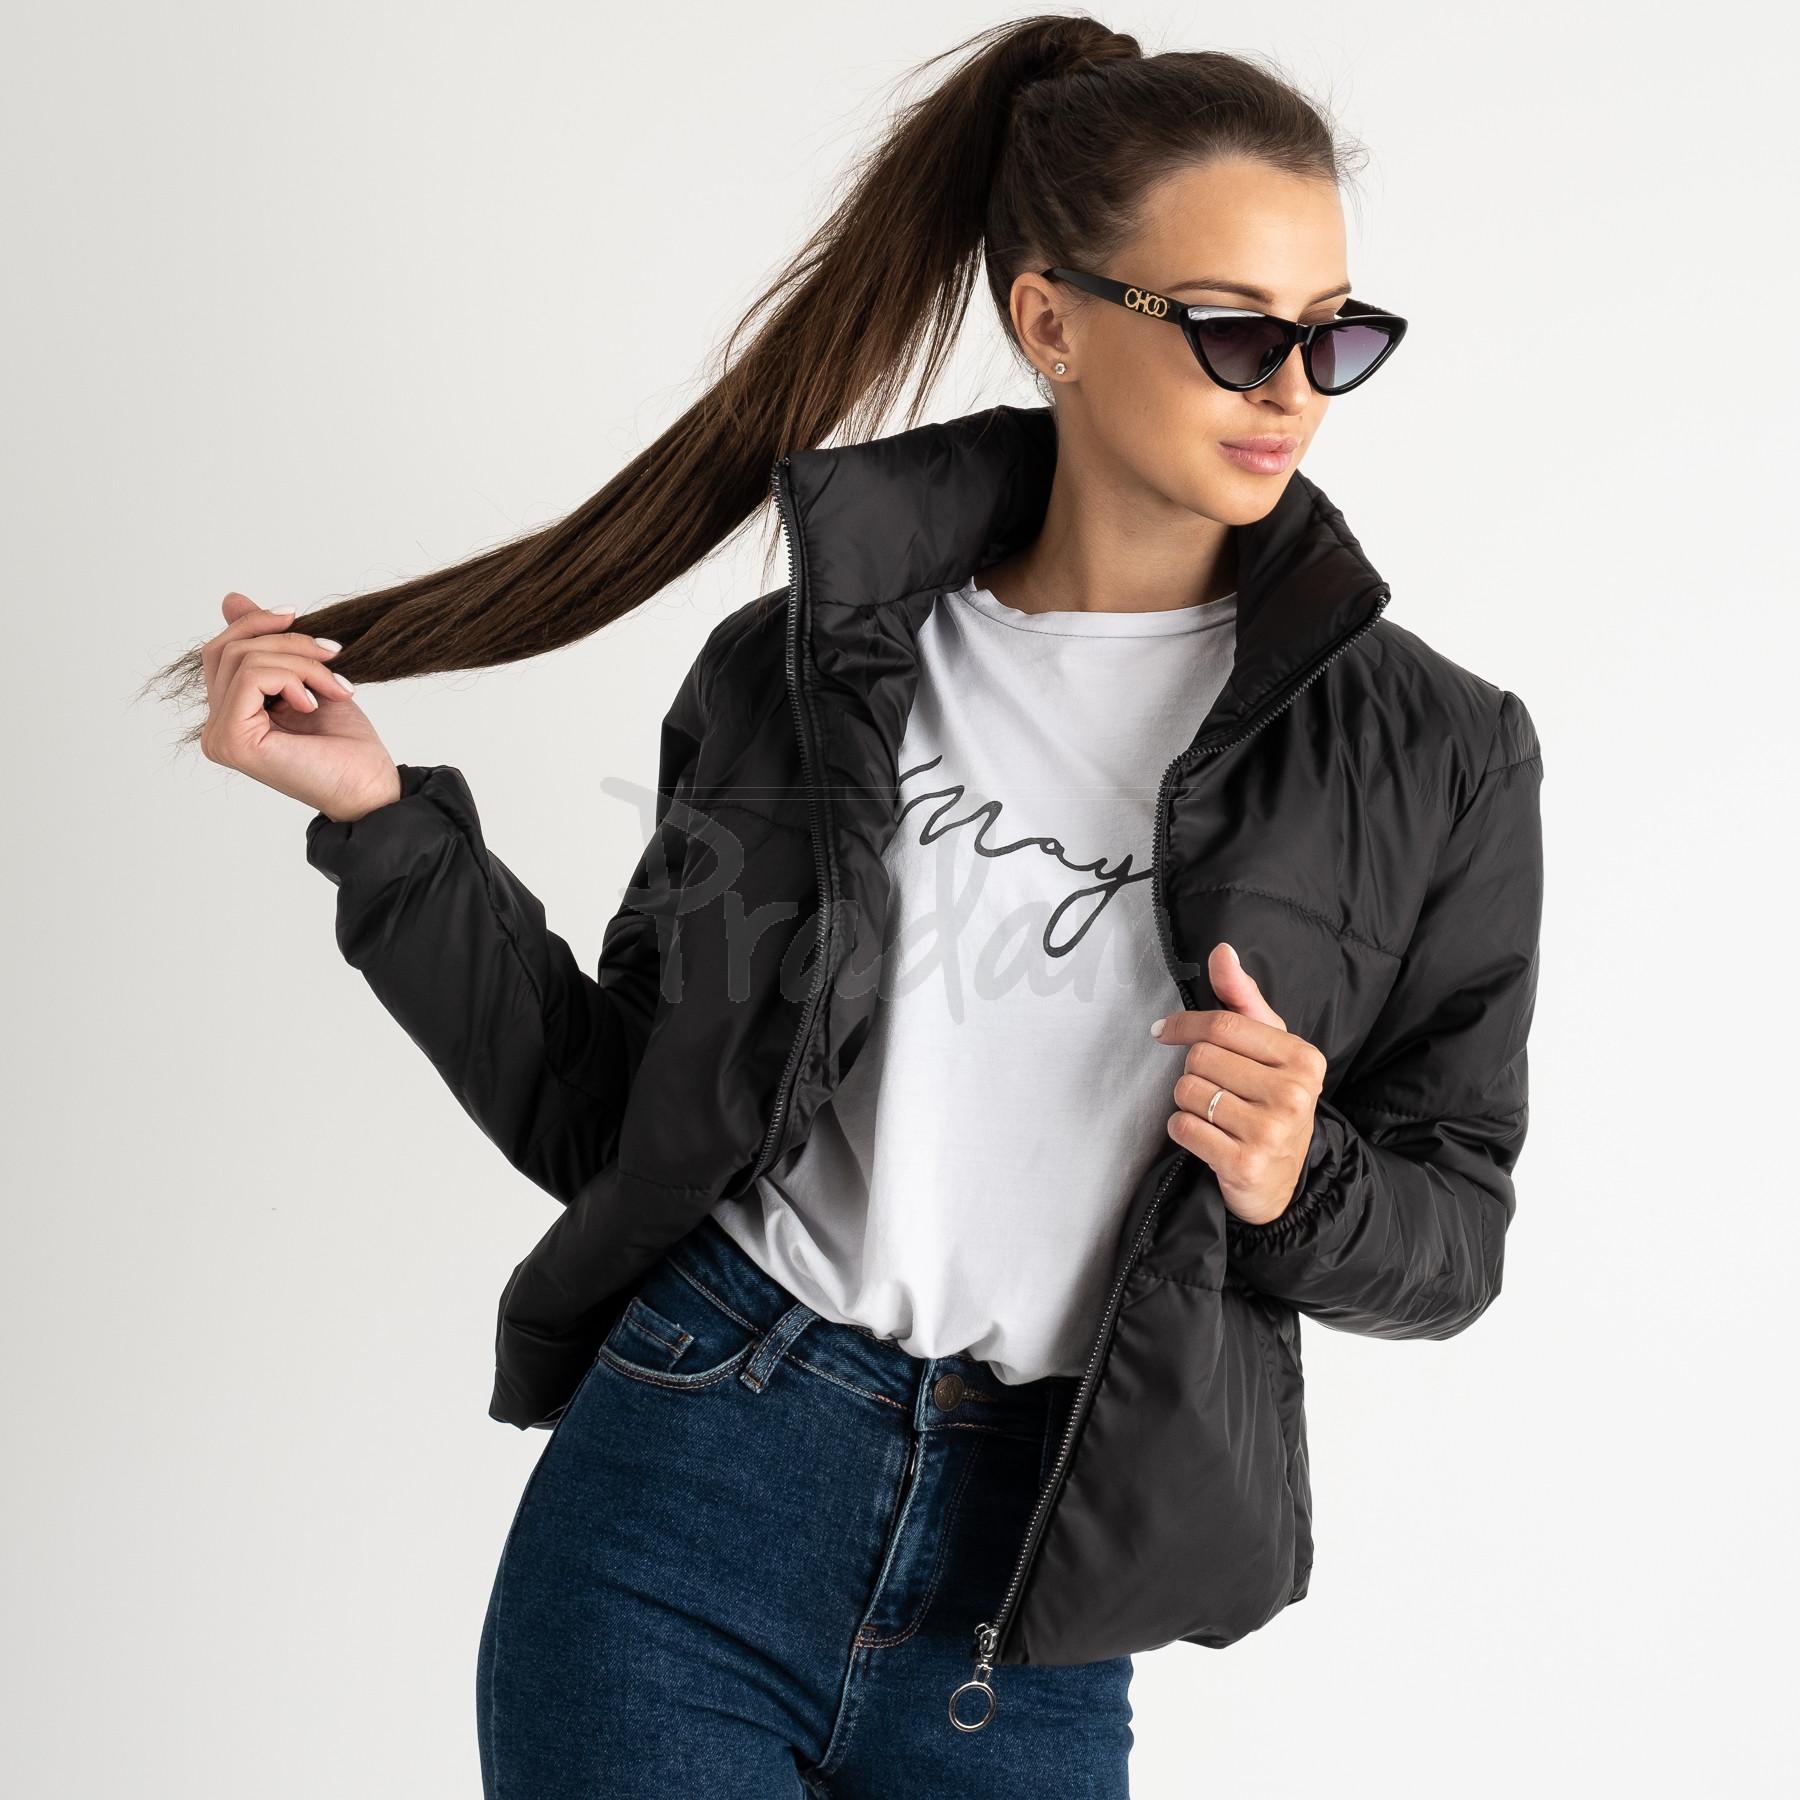 0410-1 черная куртка женская на синтепоне ( 3 ед. размеры : 42.44.46)